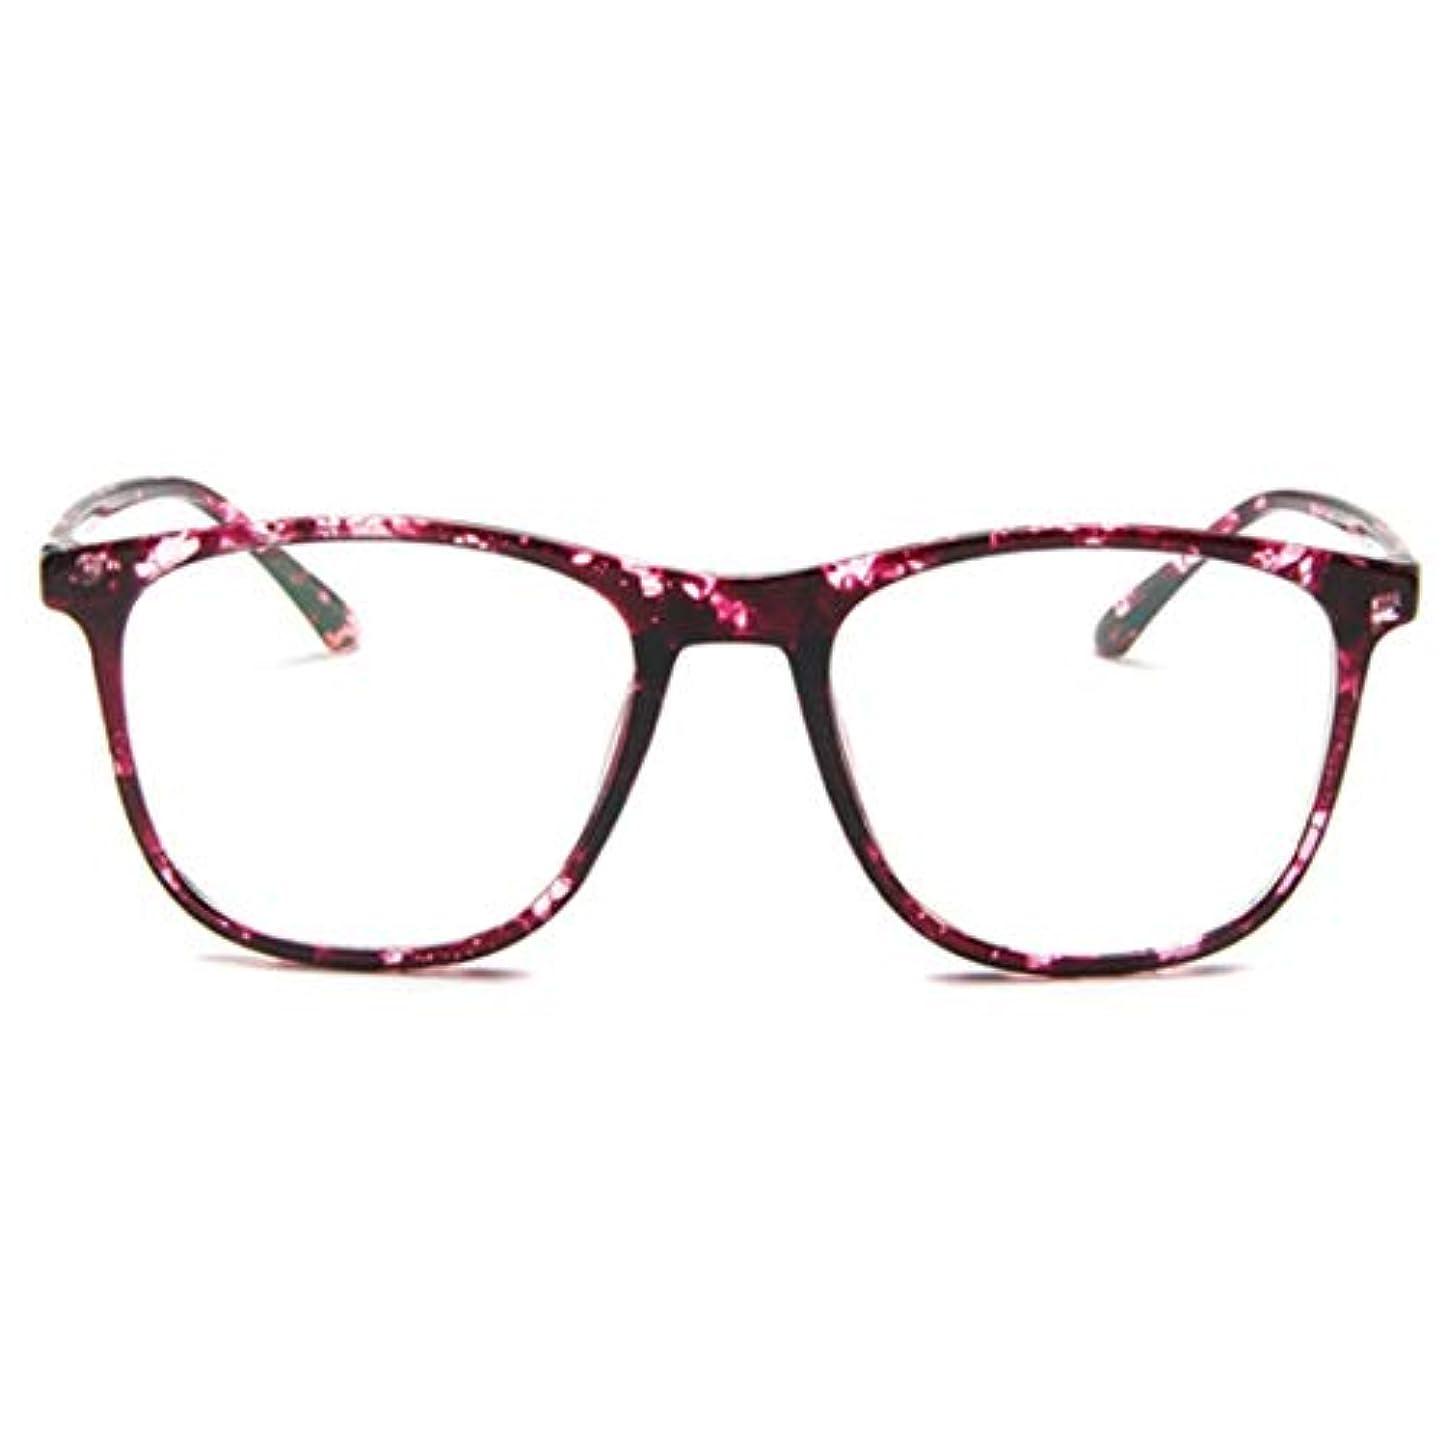 干渉する特定の哀韓国の学生のプレーンメガネ男性と女性のファッションメガネフレーム近視メガネフレームファッショナブルなシンプルなメガネ-パープル